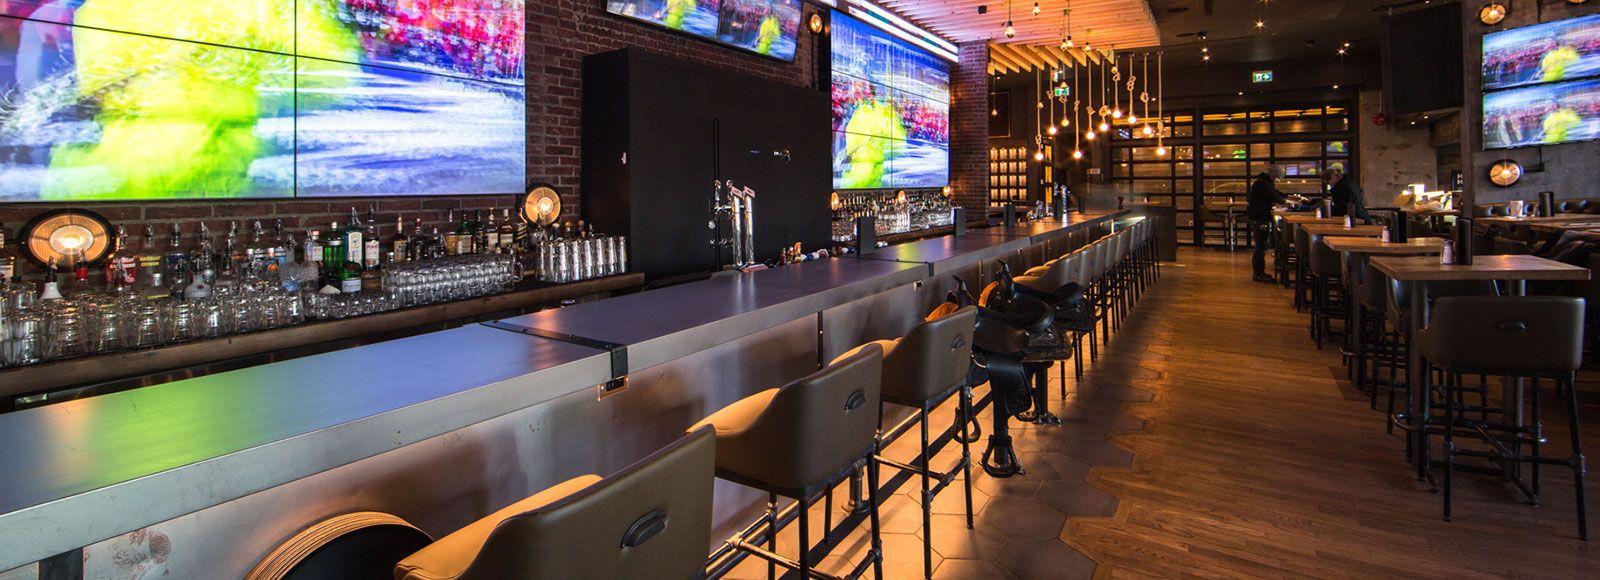 dec0815_yvr_b.jpg 1,600×580 pixels Sports bar, Bar grill